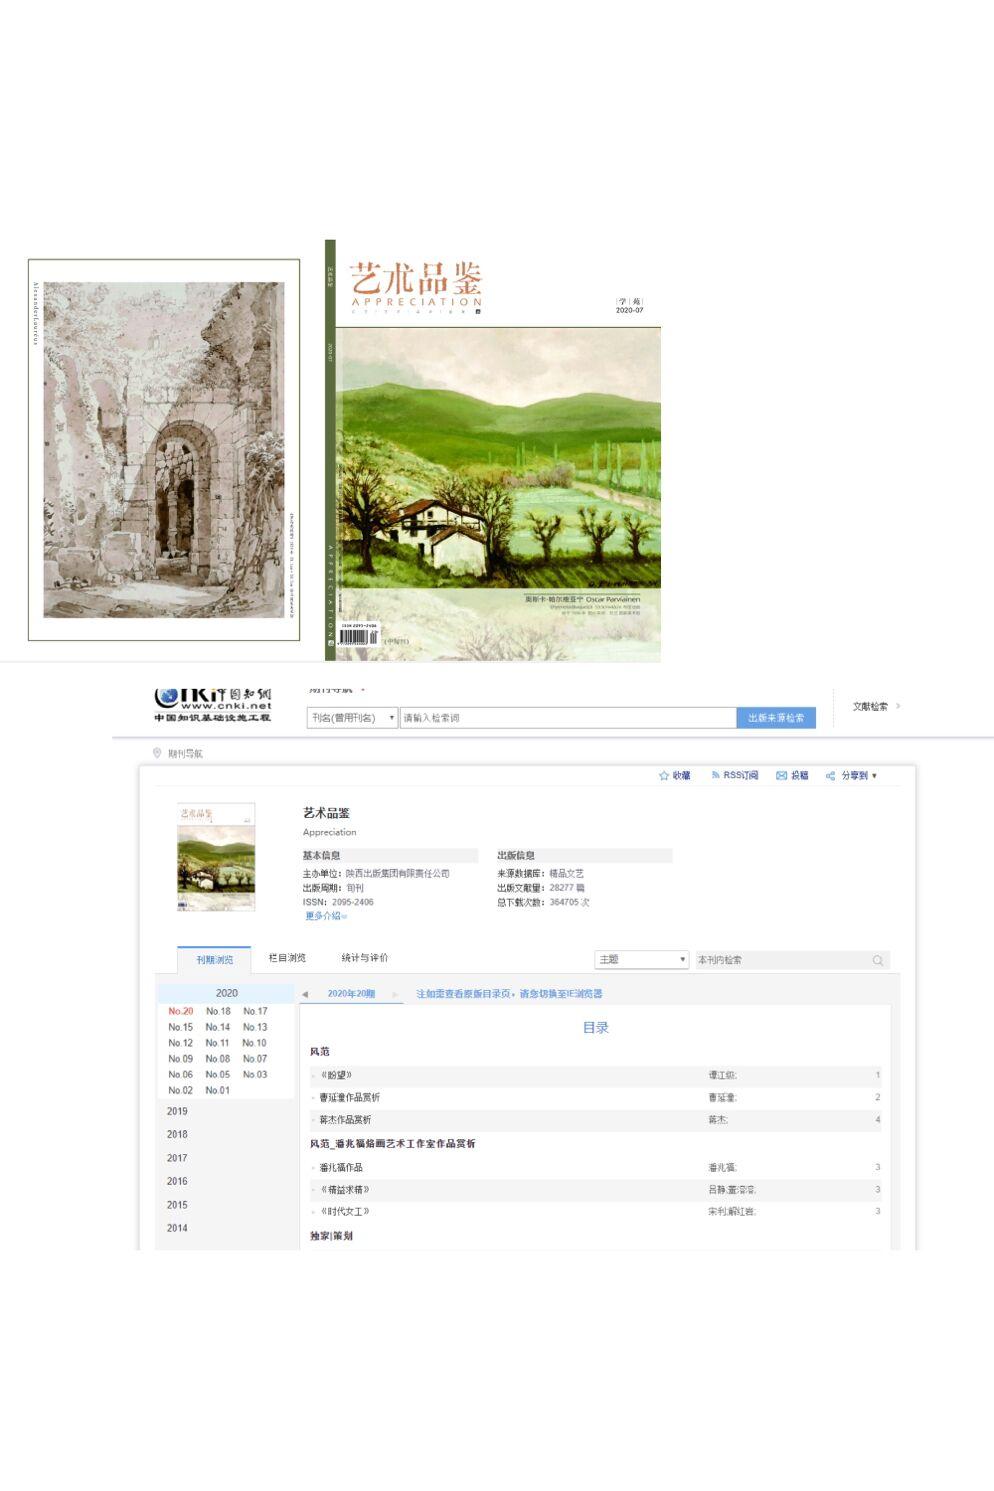 《艺术品鉴》知网收录艺术专刊,收博物馆、艺术绘画、创作、艺术藏品类稿件